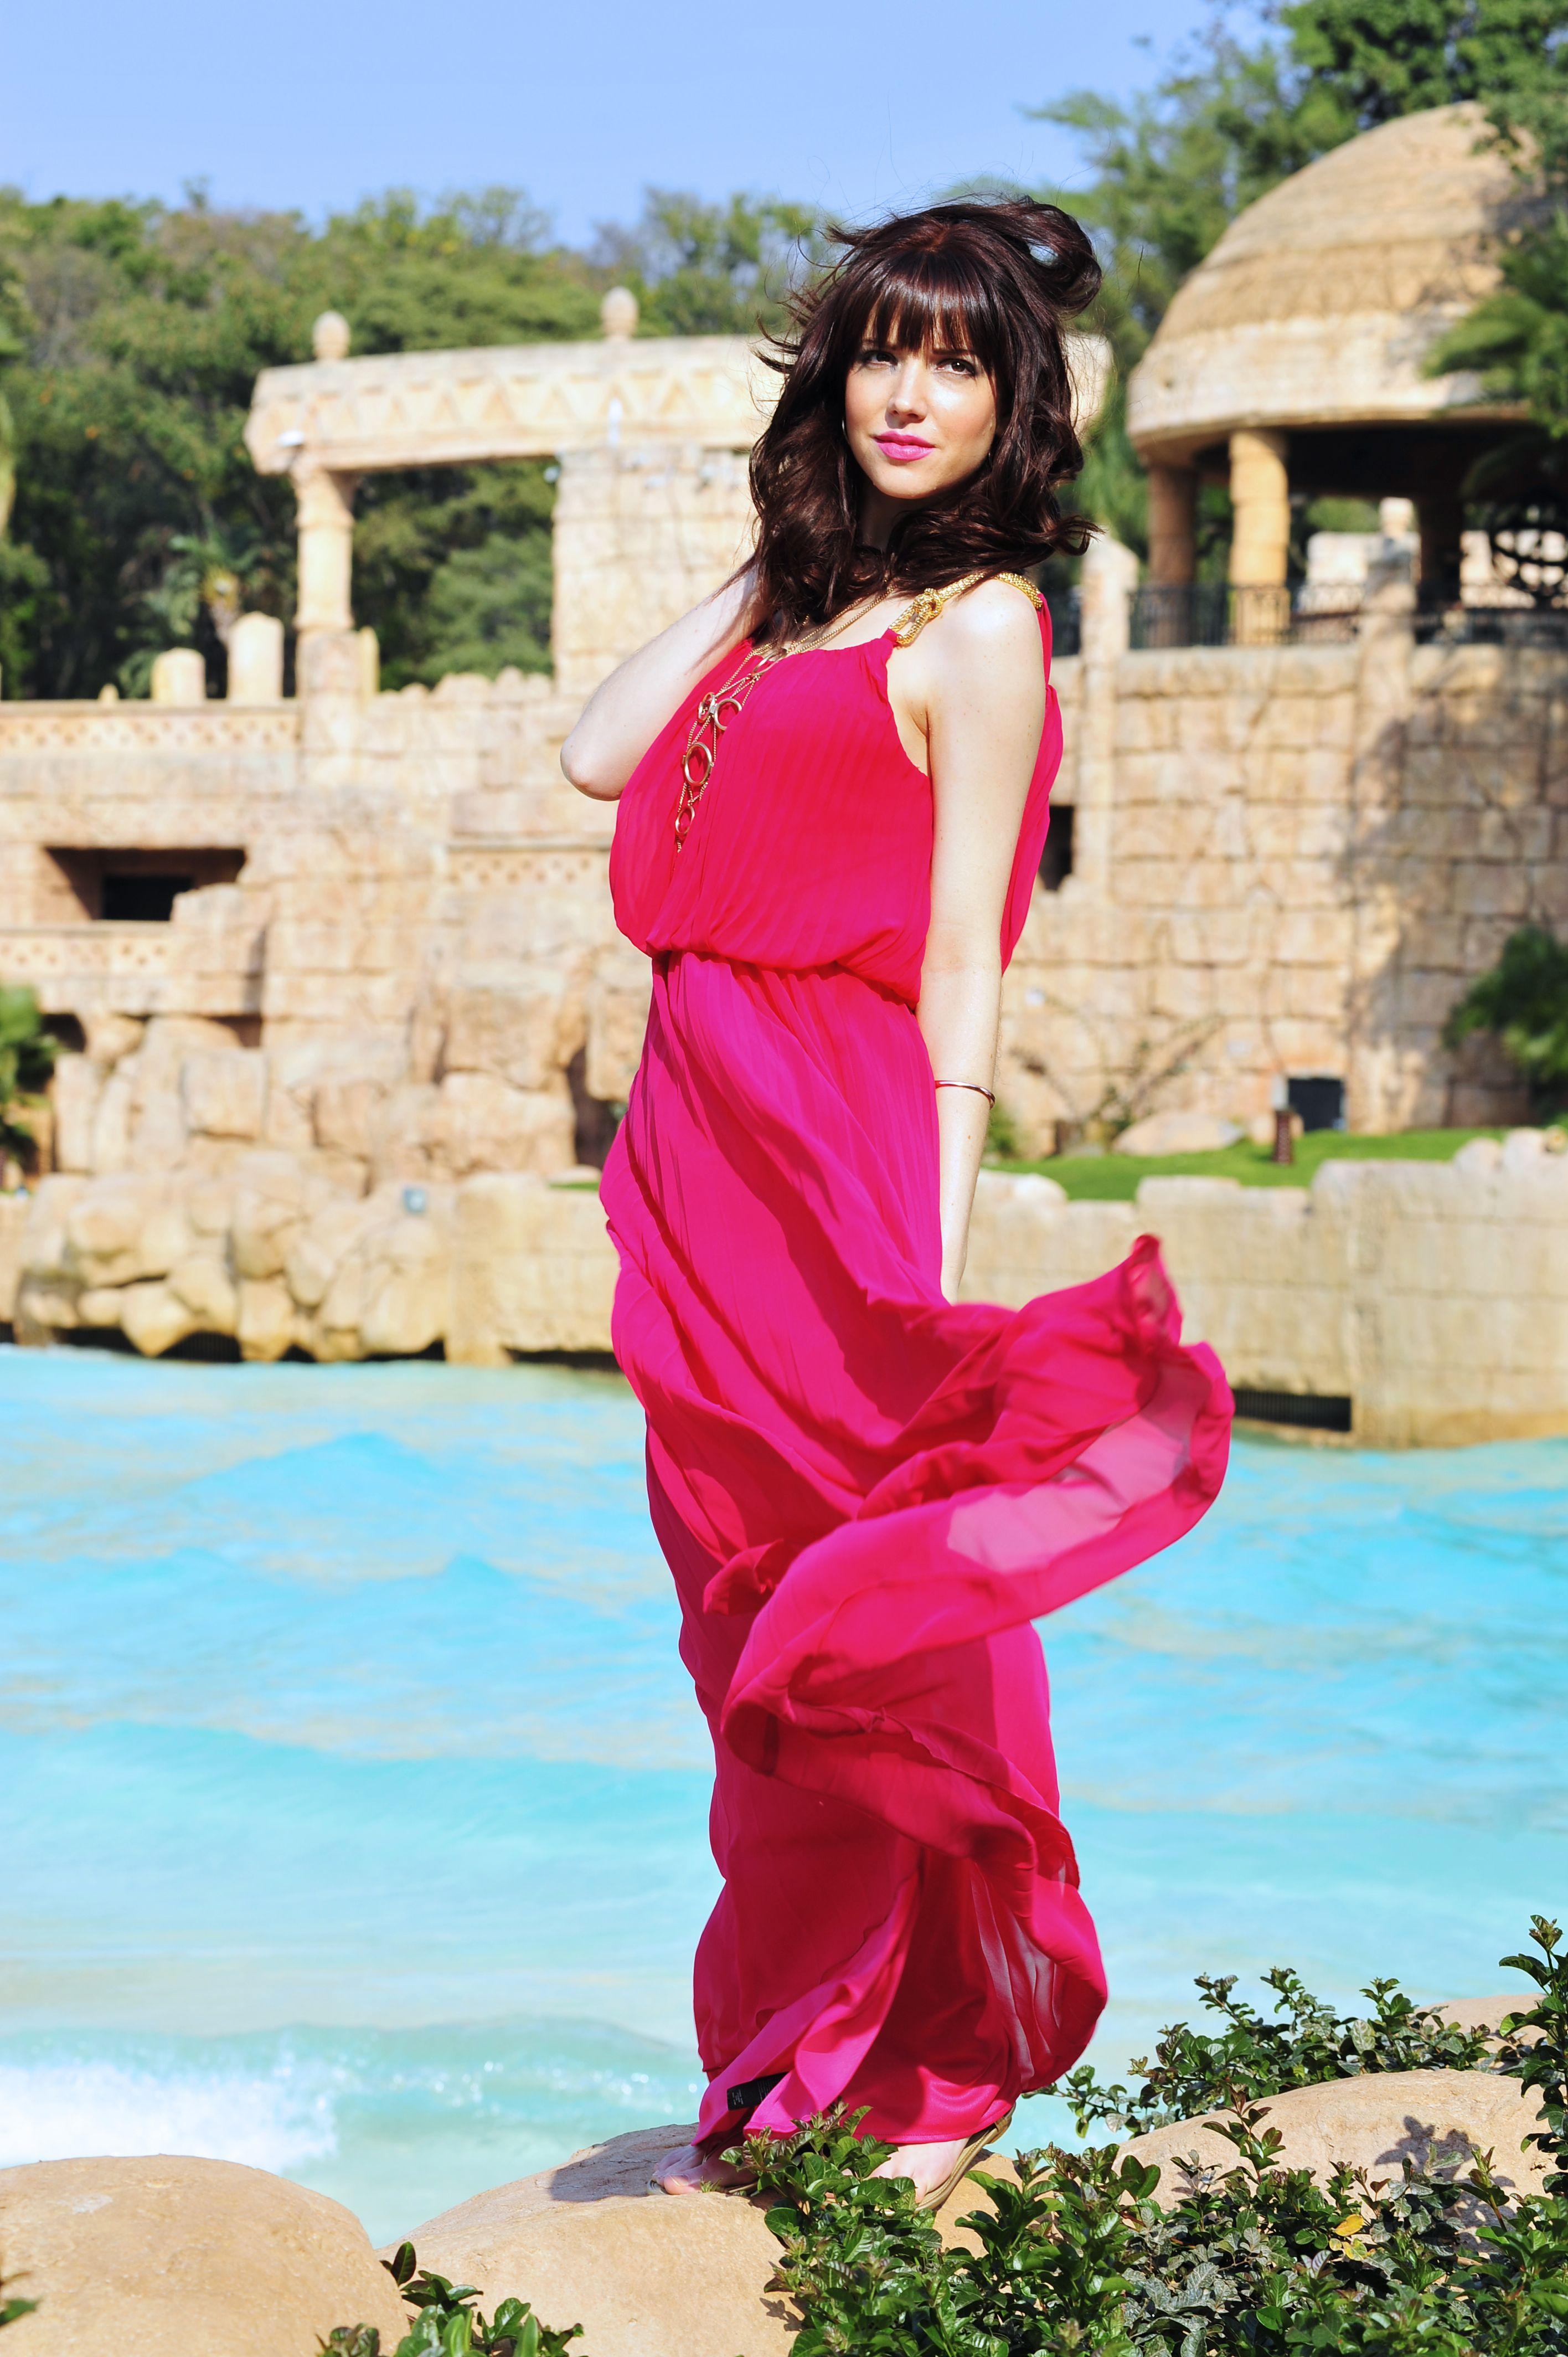 Amalia Uys amalia uys is our 'lady in pink'. #hotfashion